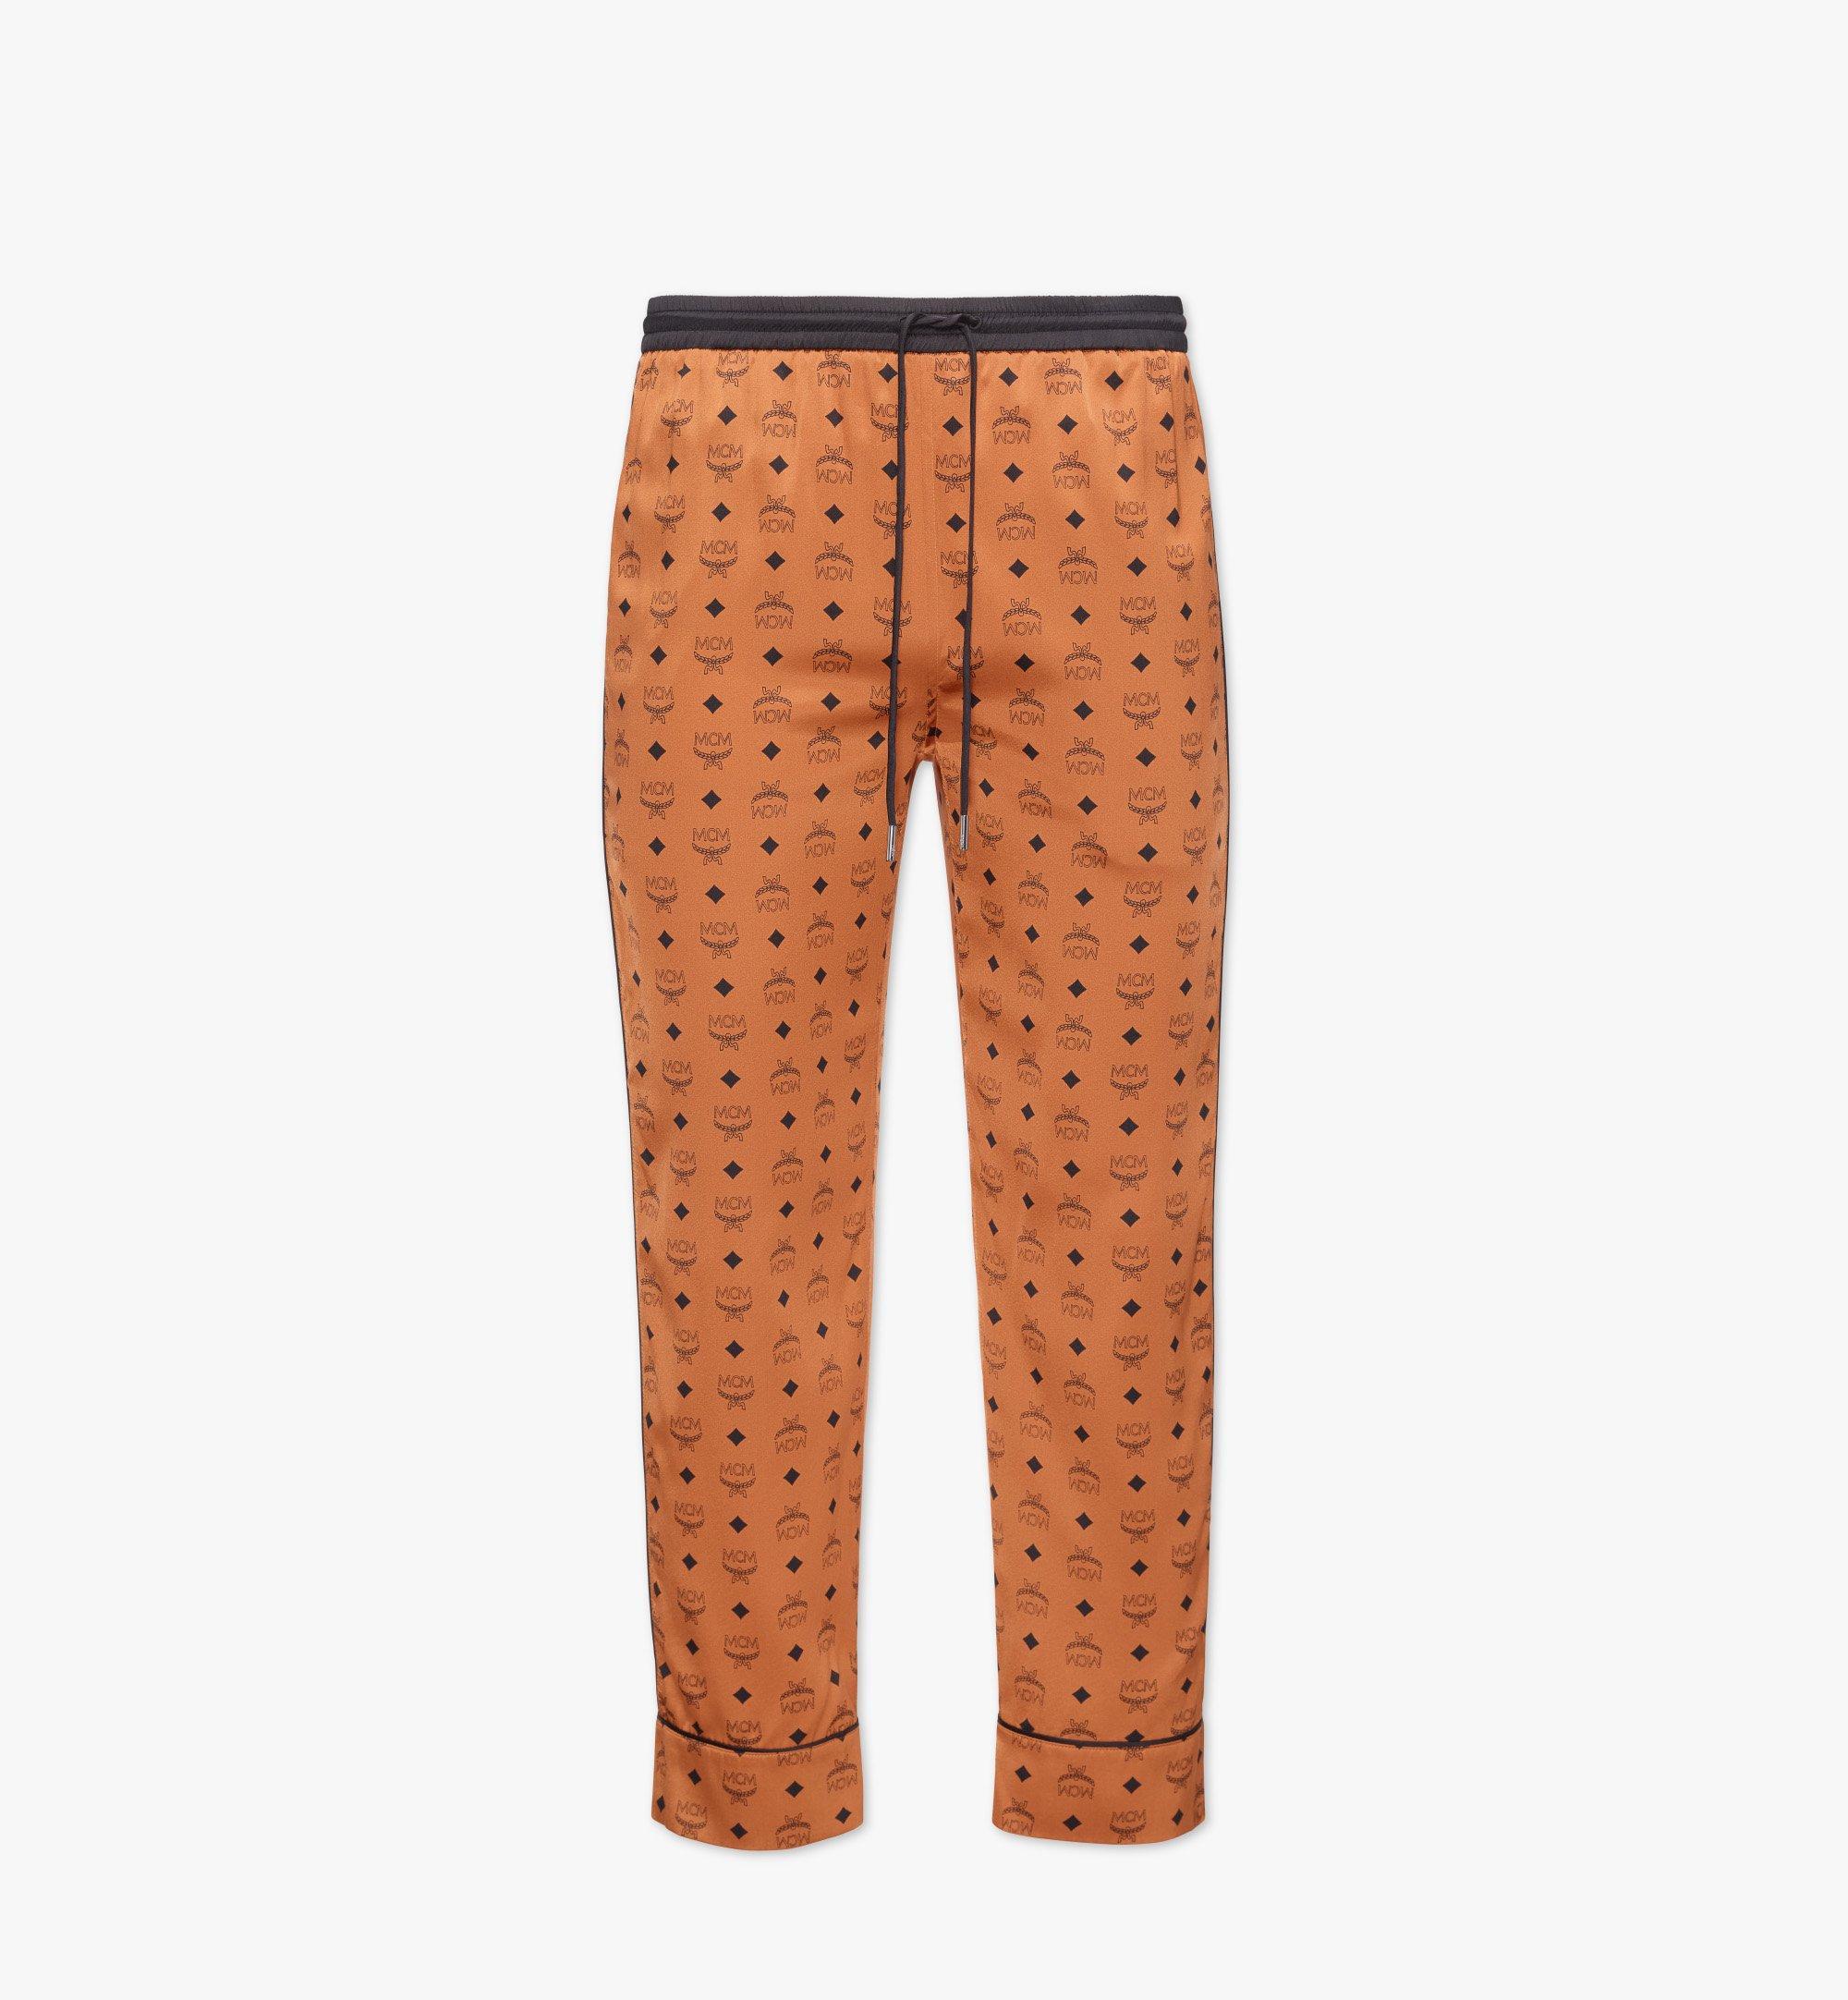 MCM Pantalon de pyjama classique en soie à imprimé logo Cognac MHXBSMM09CO0XL Plus de photos 1